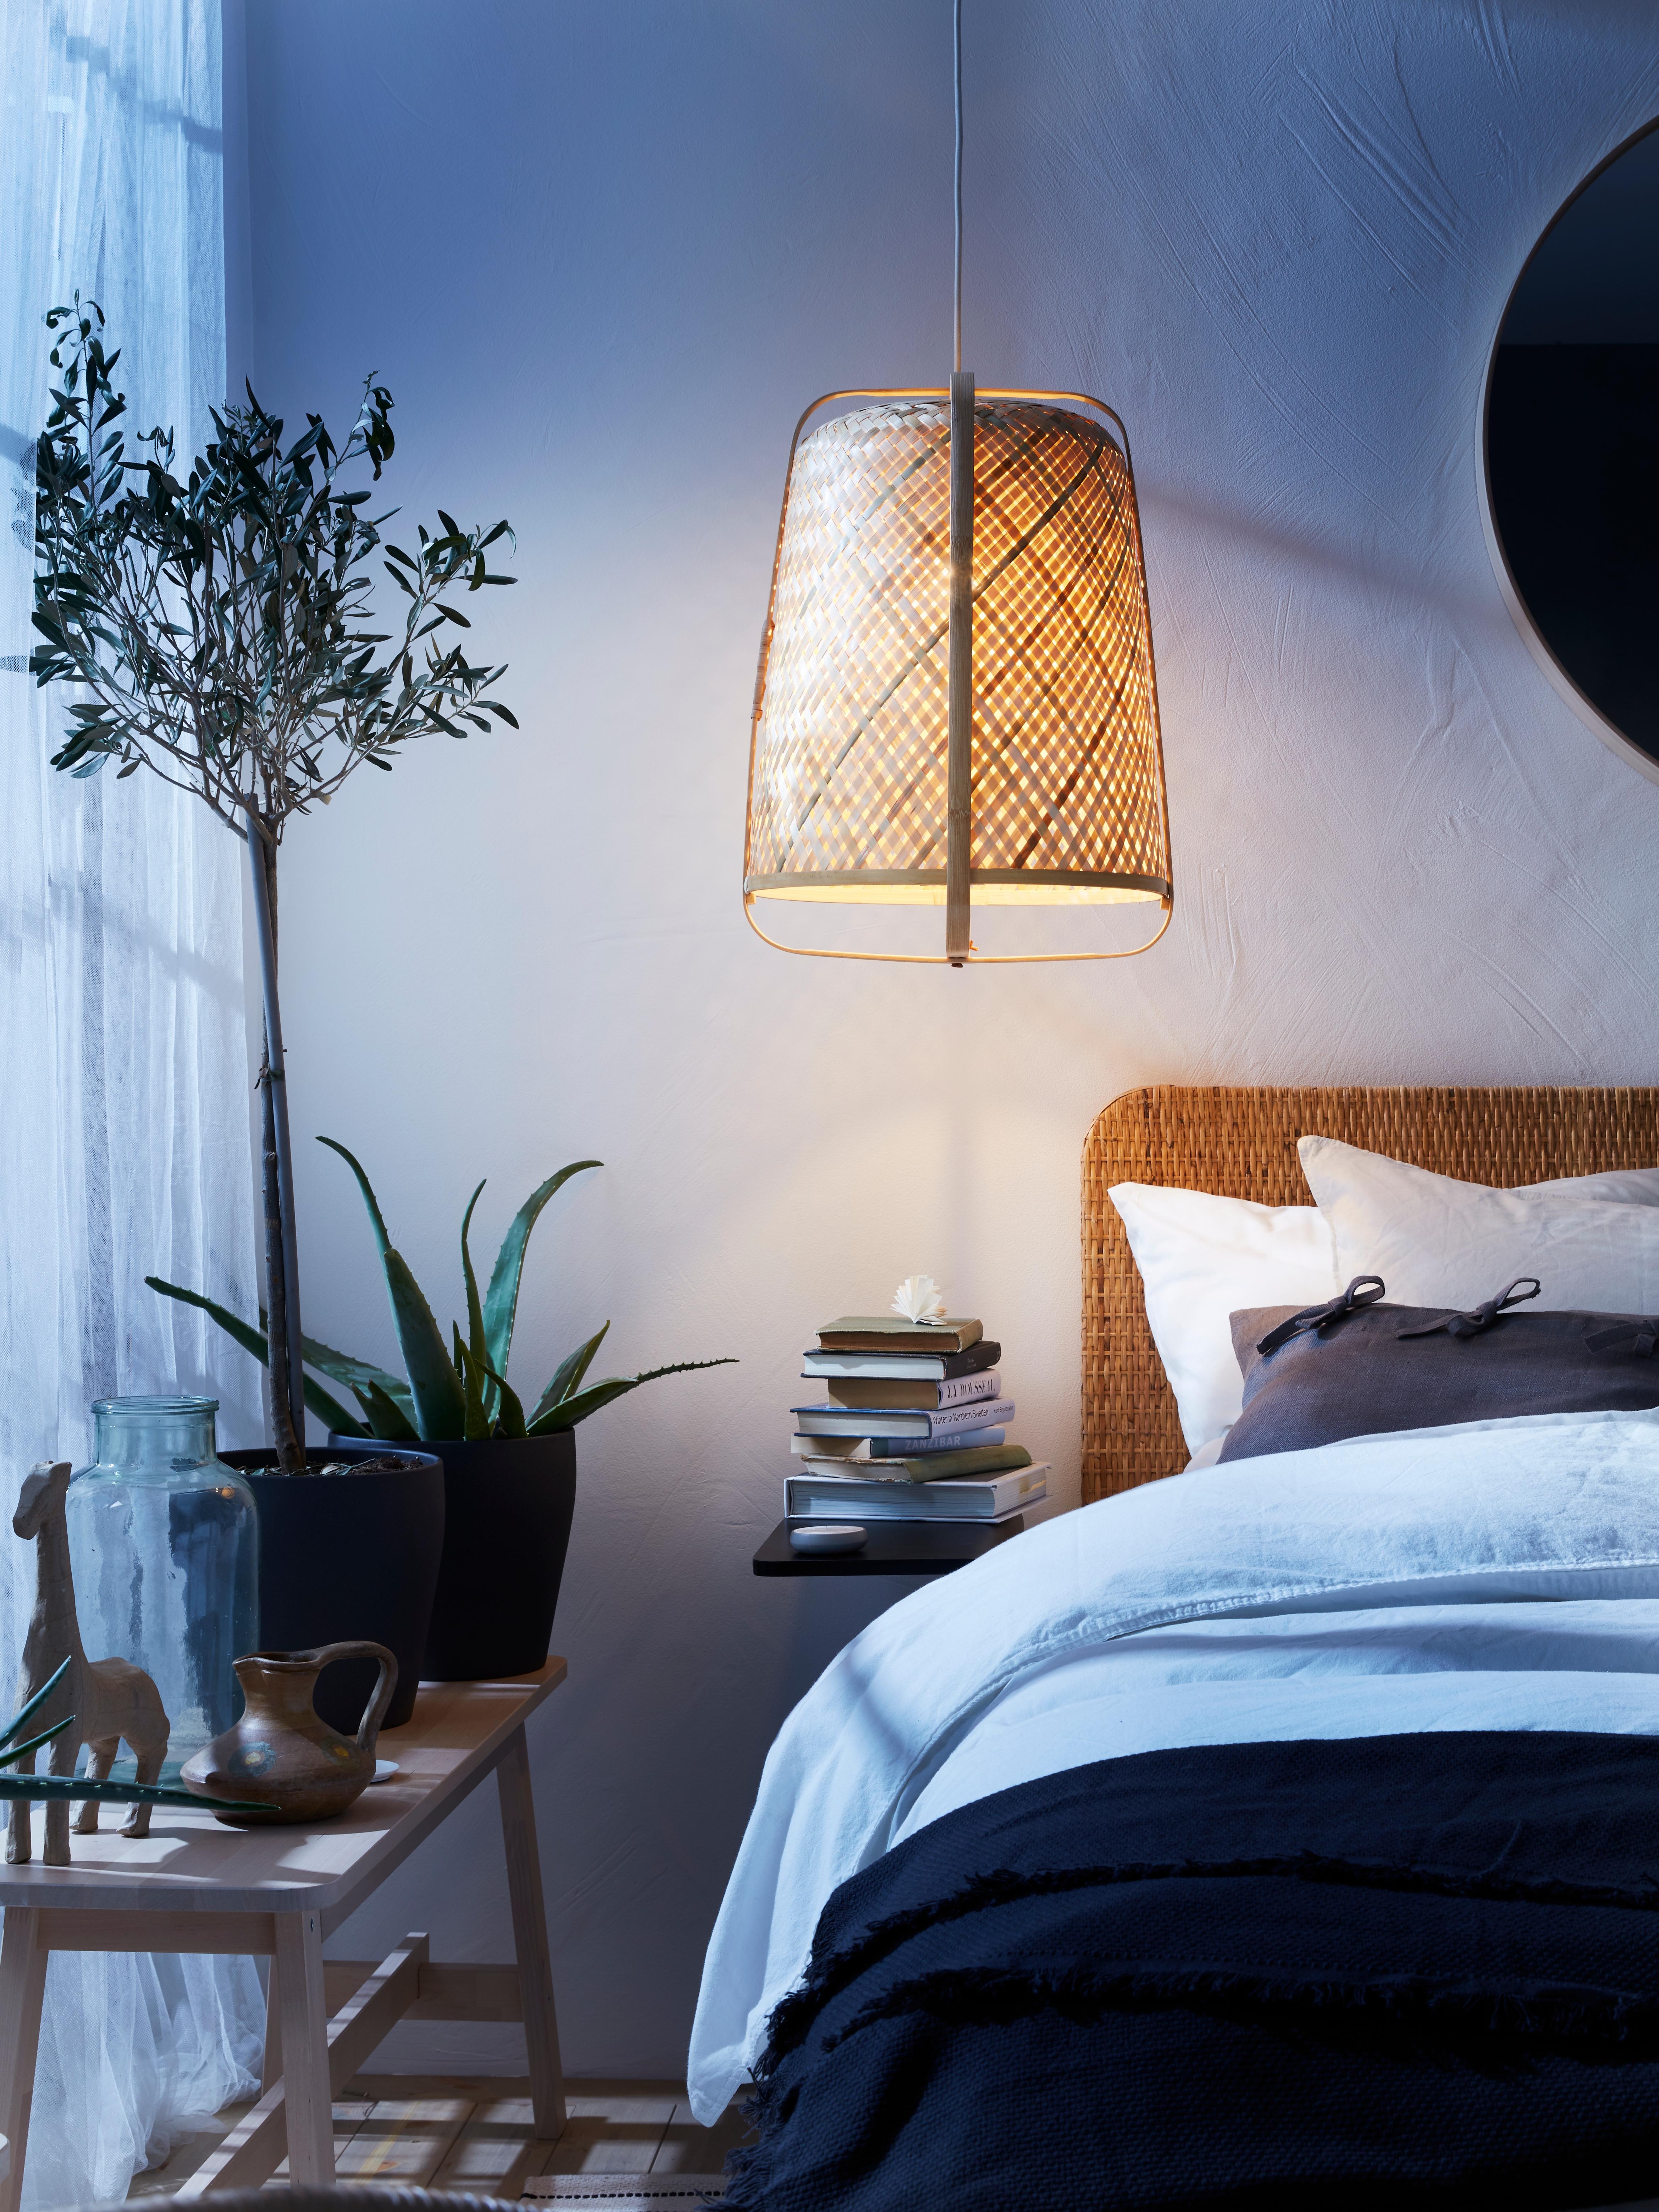 Osvetljena, ručno tkana KNIXHULT visilica od bambusa u obliku zvona, smeštena iznad kreveta s uzglavljem od ratana.